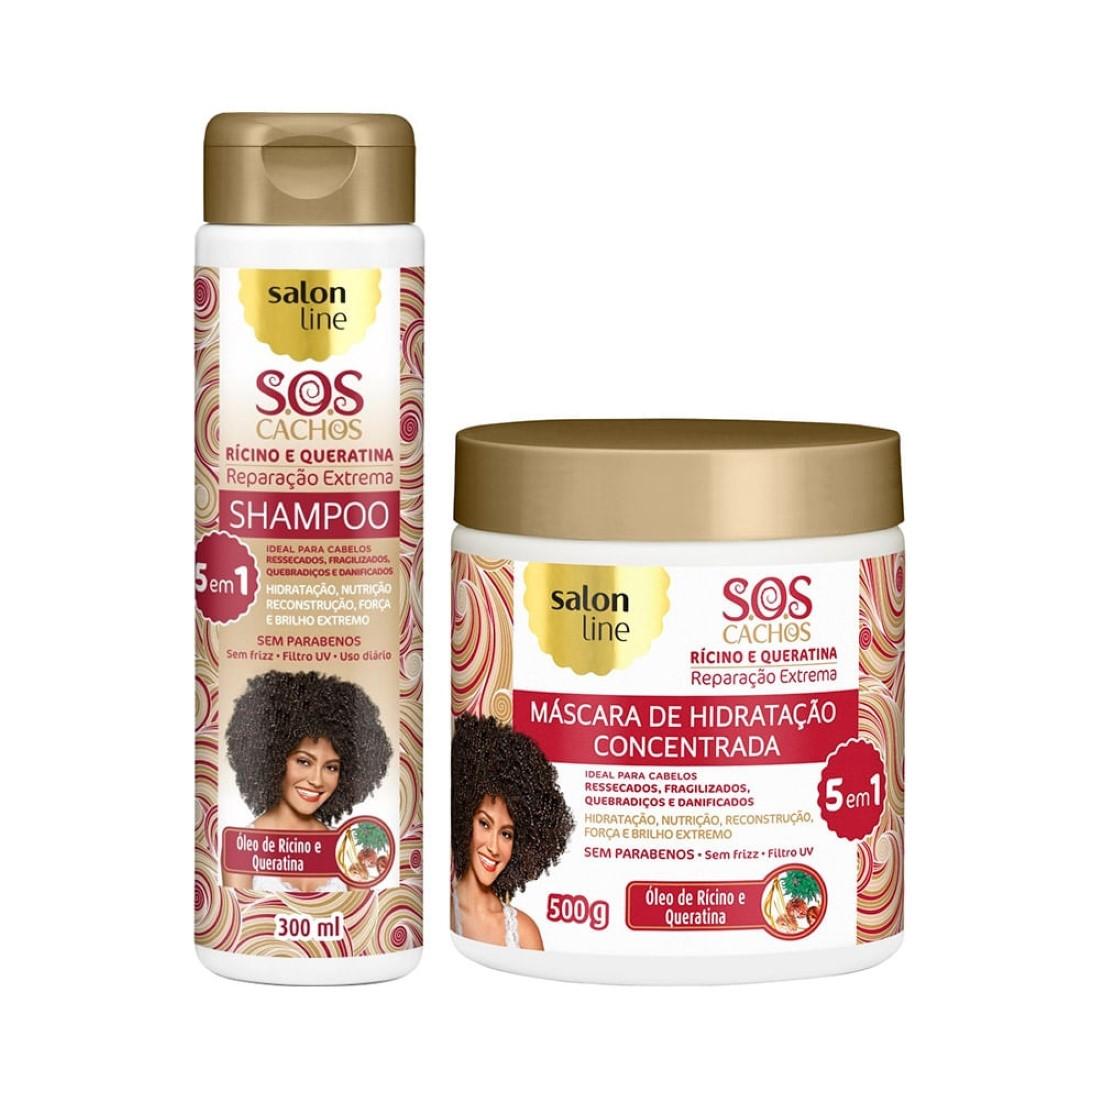 Kit Shampoo e Máscara S.O.S Cachos Reparação Extrema 5 em 1 Rícino e Queratina - Salon Line